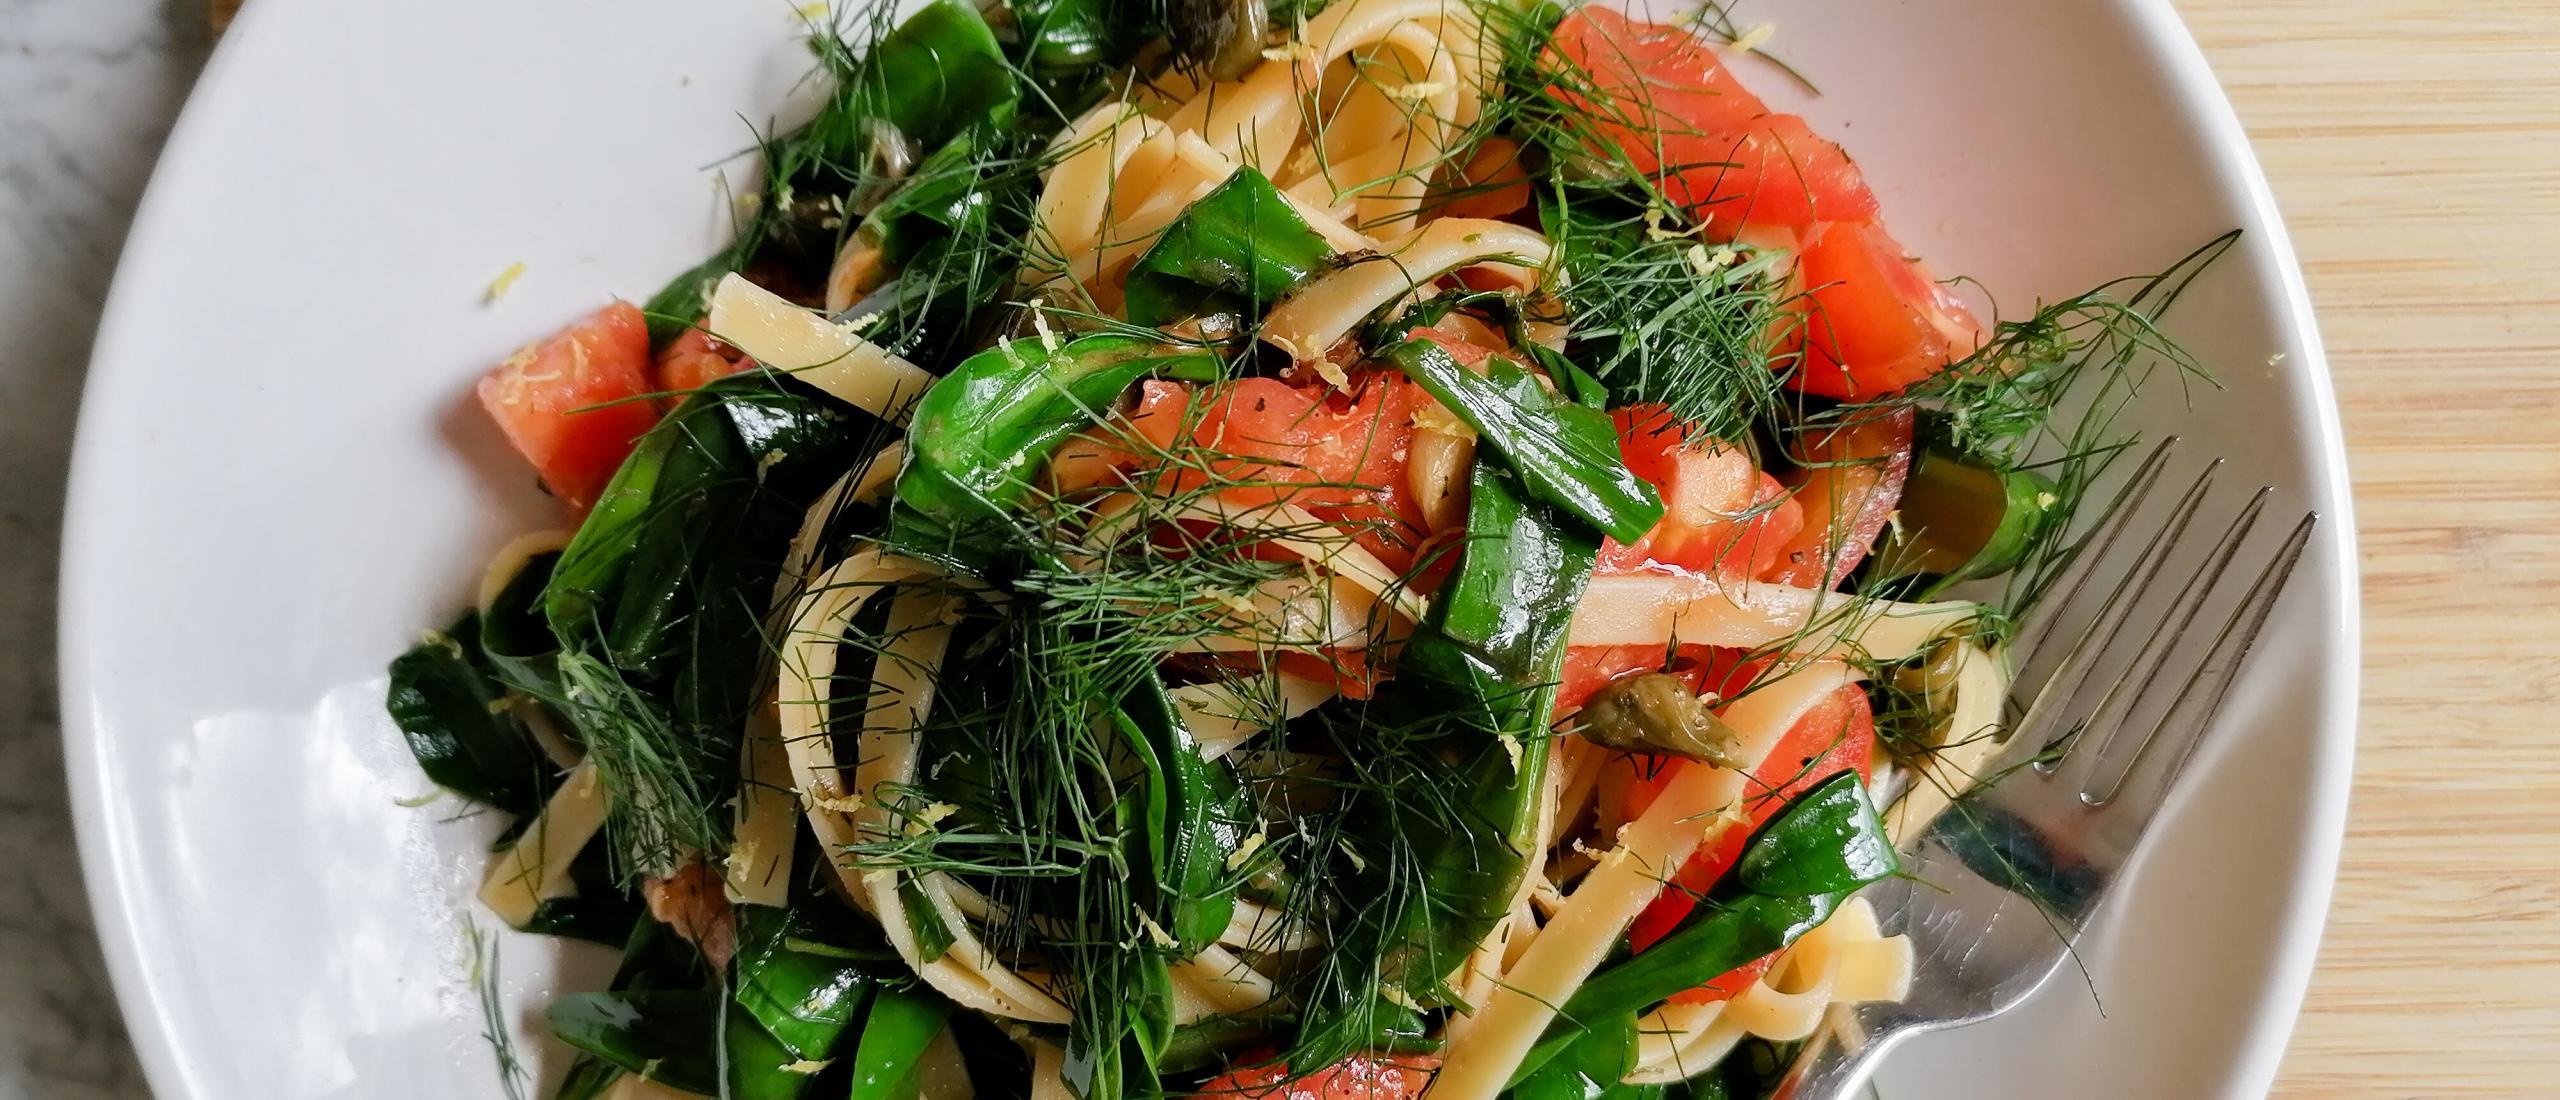 Recept: Linguine met lamsoor, tomaat, kappertjes, venkeltoppen, knoflook en citroen